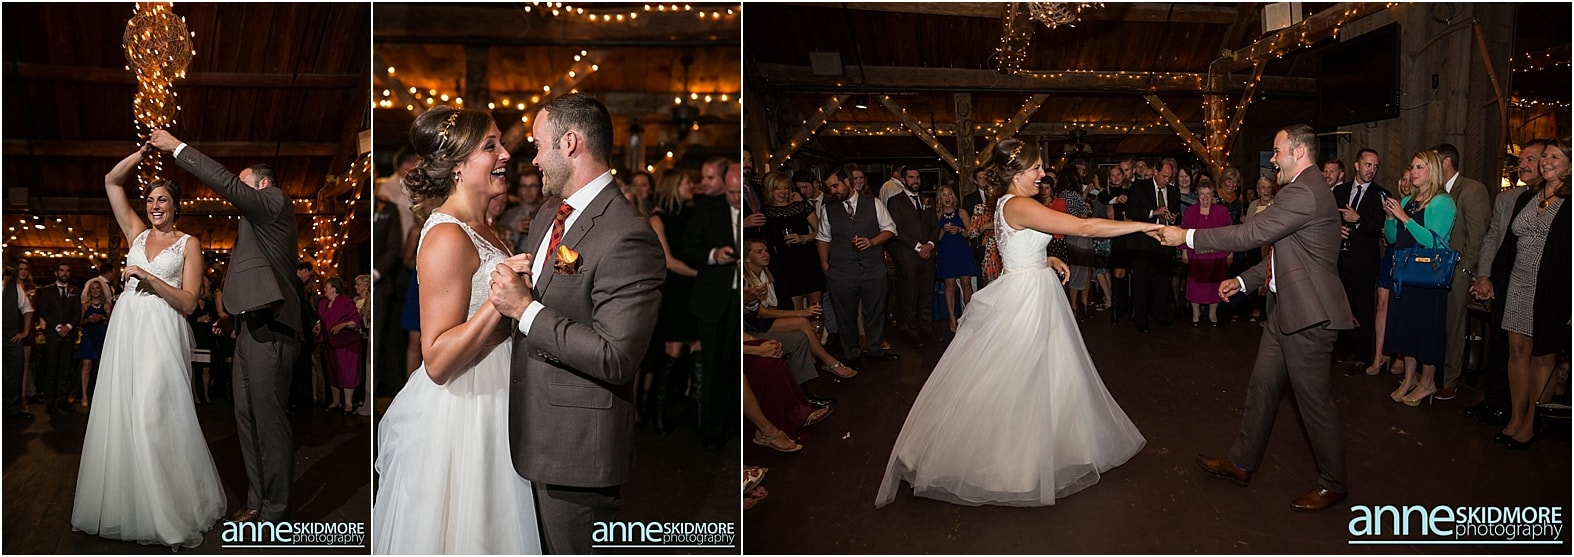 Whitneys_Inn_Weddings_045